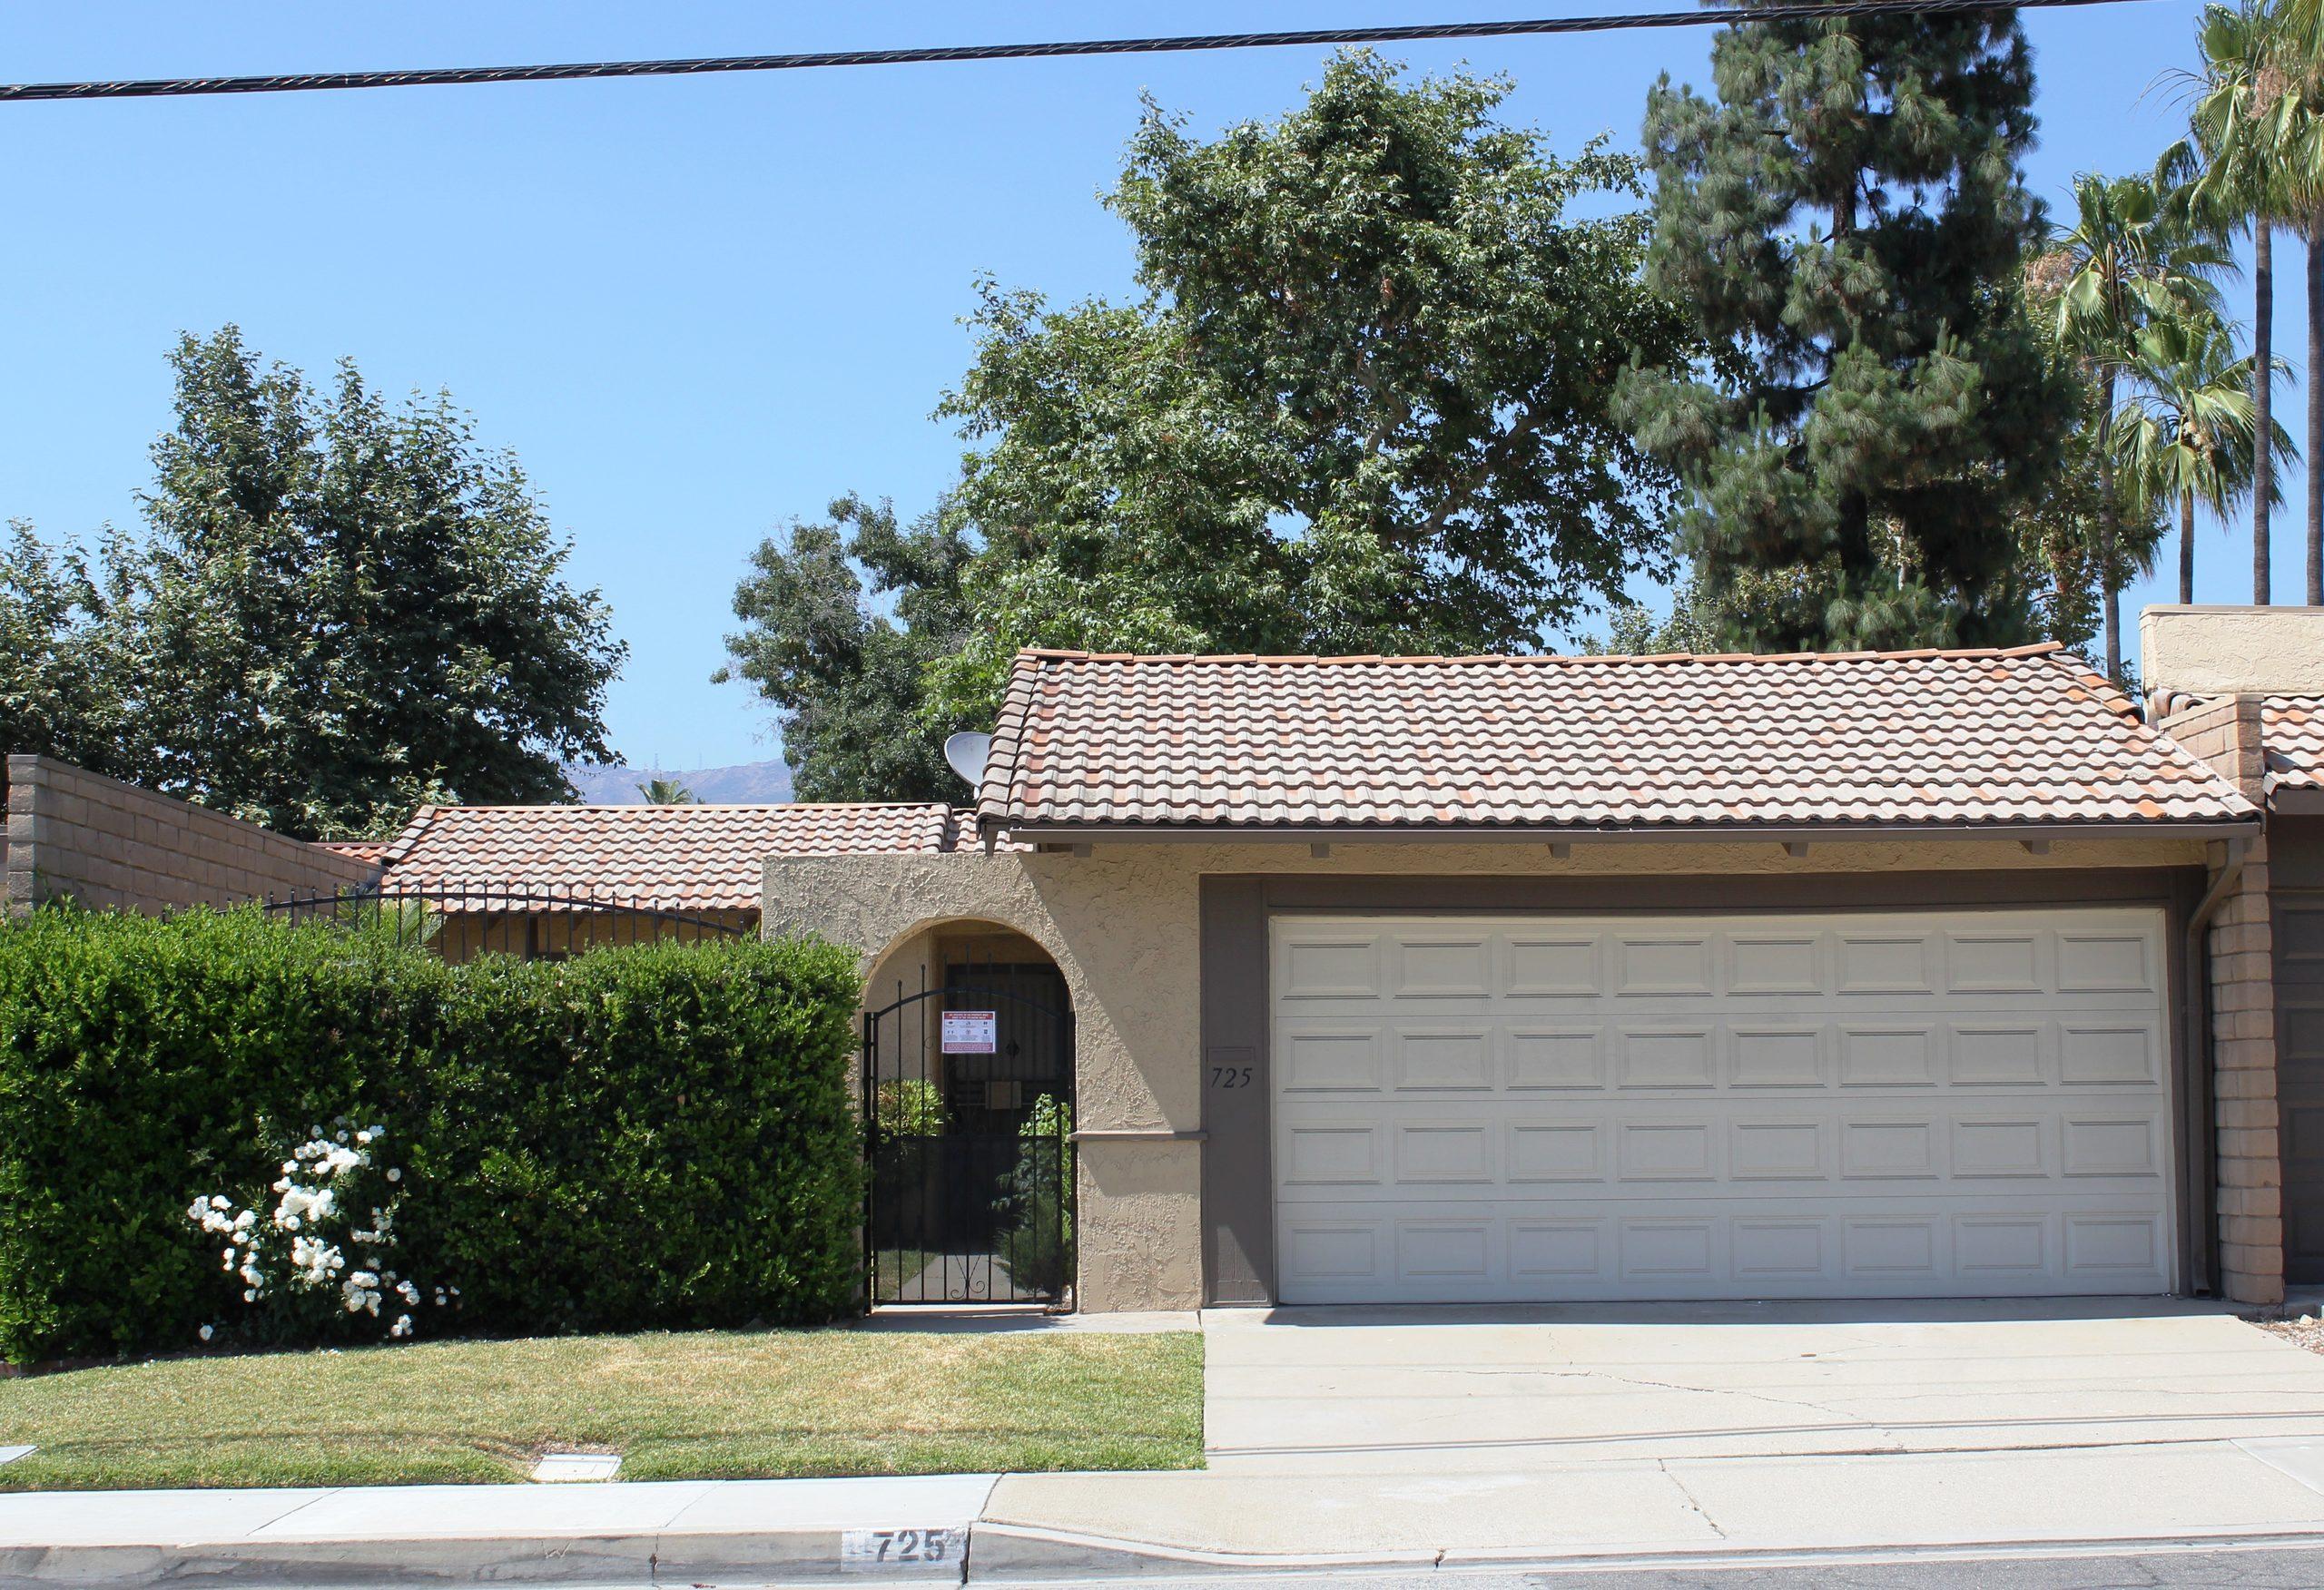 725 Palomares Ave, San Dimas, CA 91773